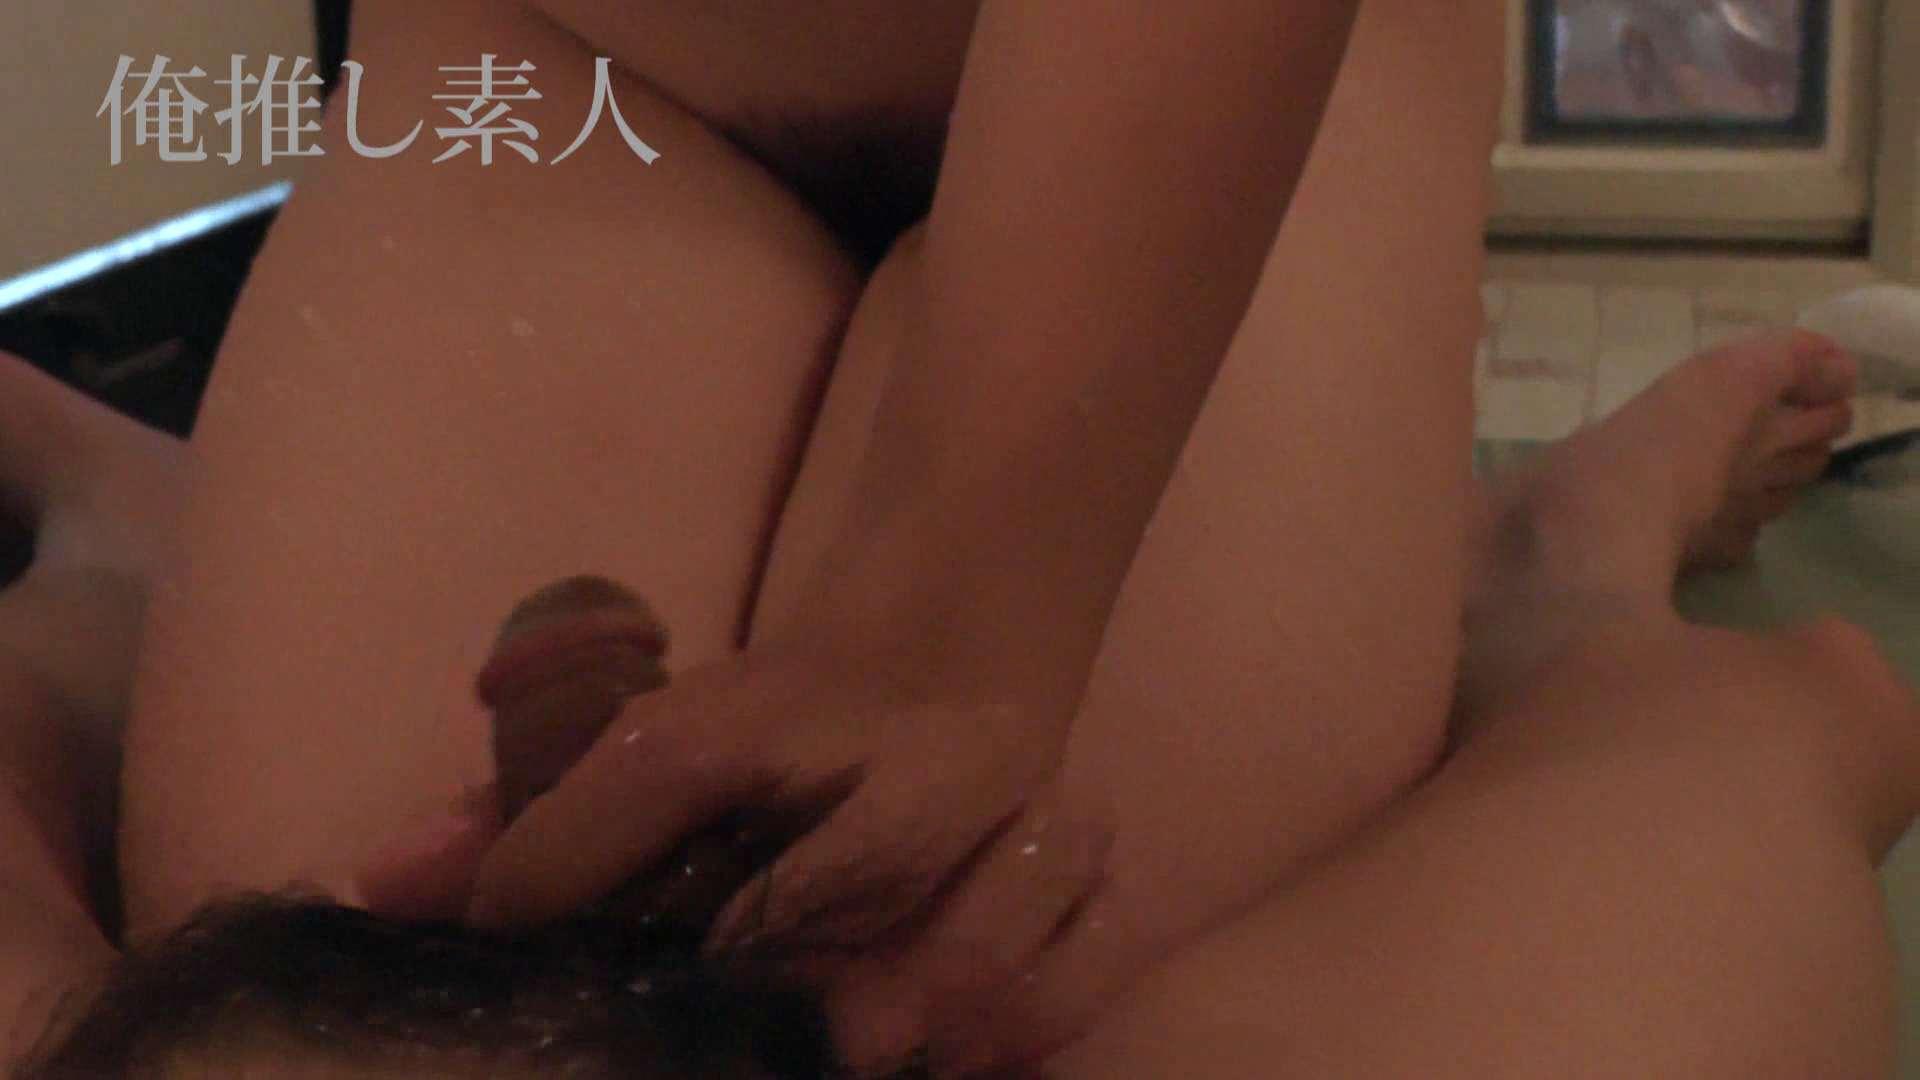 俺推し素人 30代人妻熟女キャバ嬢雫Vol.02 素人   おっぱい  85pic 31